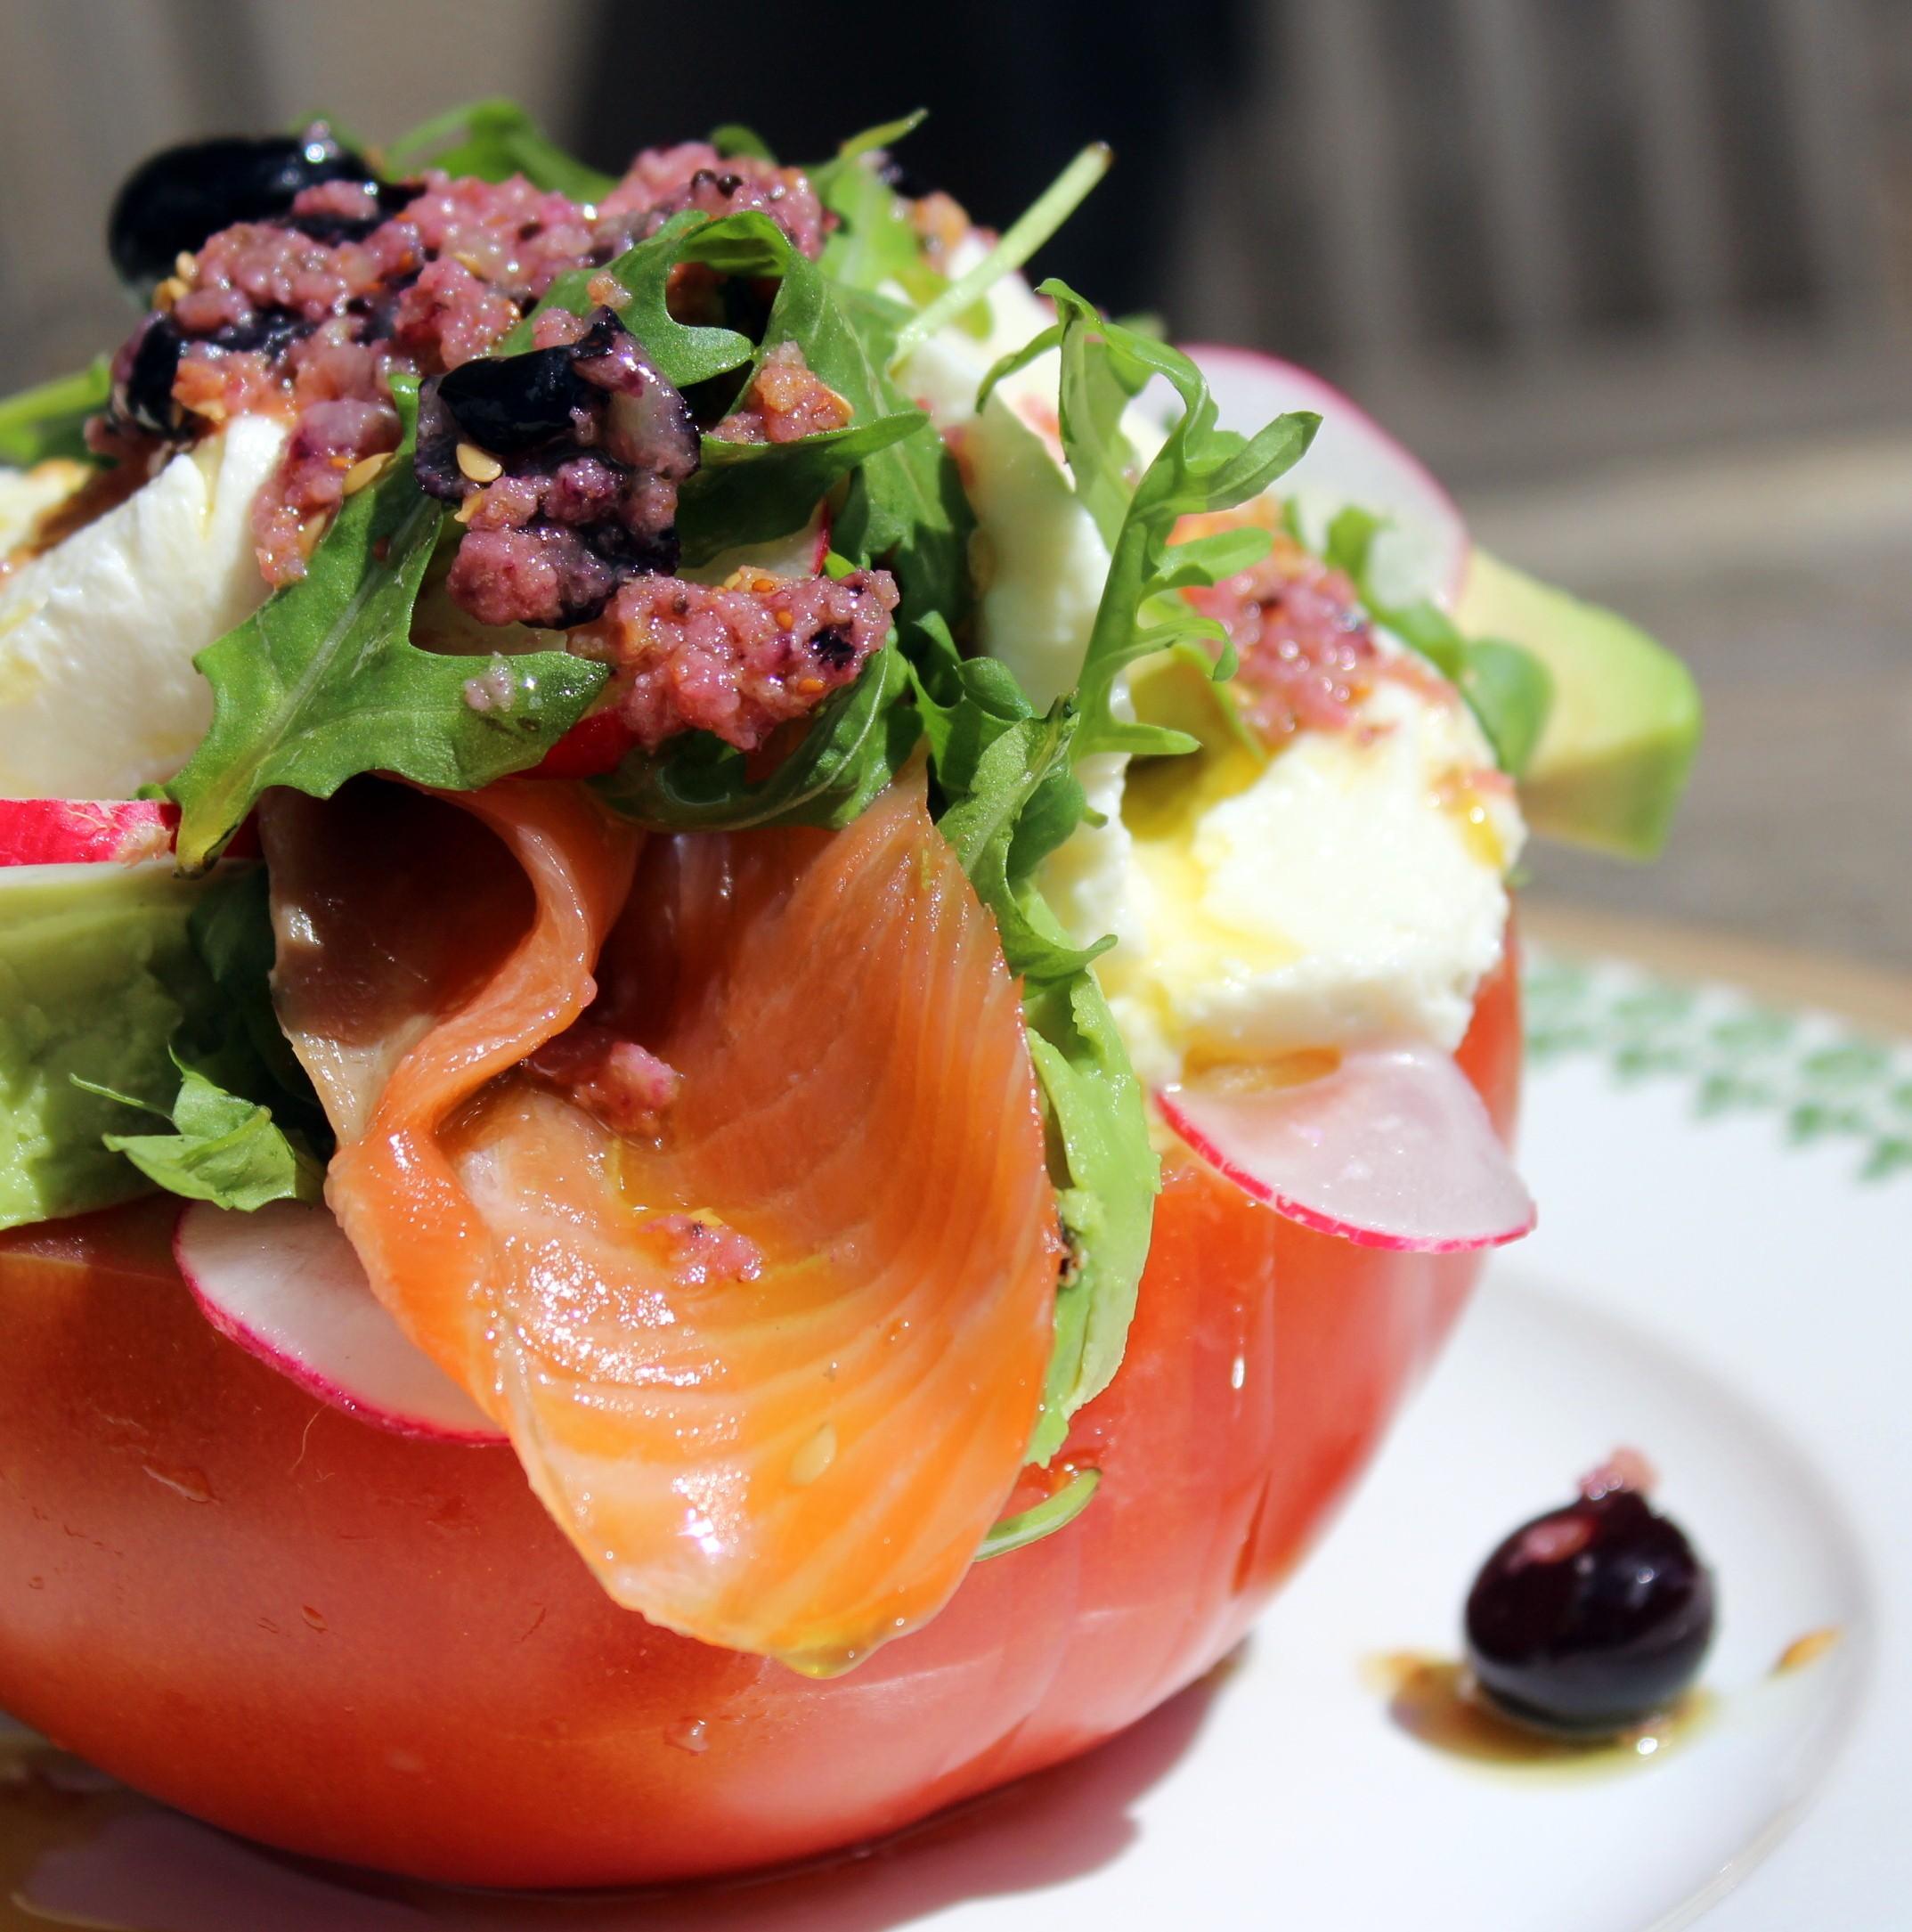 Ensalada de tomate salm n mozzarella y aguacate blog - Ensalada de aguacate y salmon ahumado ...